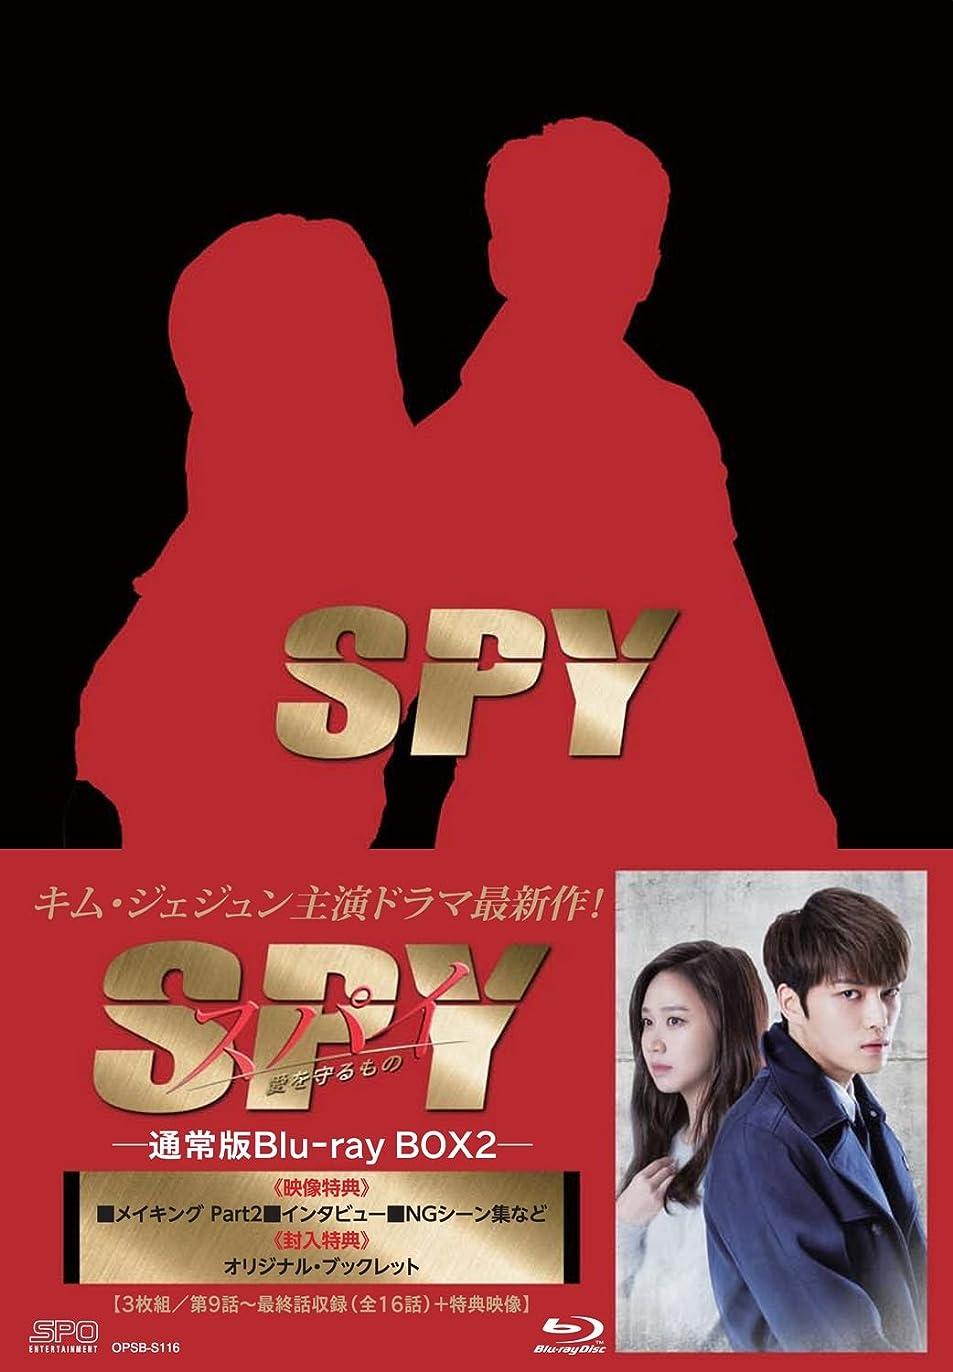 のど記憶悪魔スパイ~愛を守るもの~  Blu-ray BOX2<通常版>(3枚組/本編2枚+スペシャルディスク1枚)